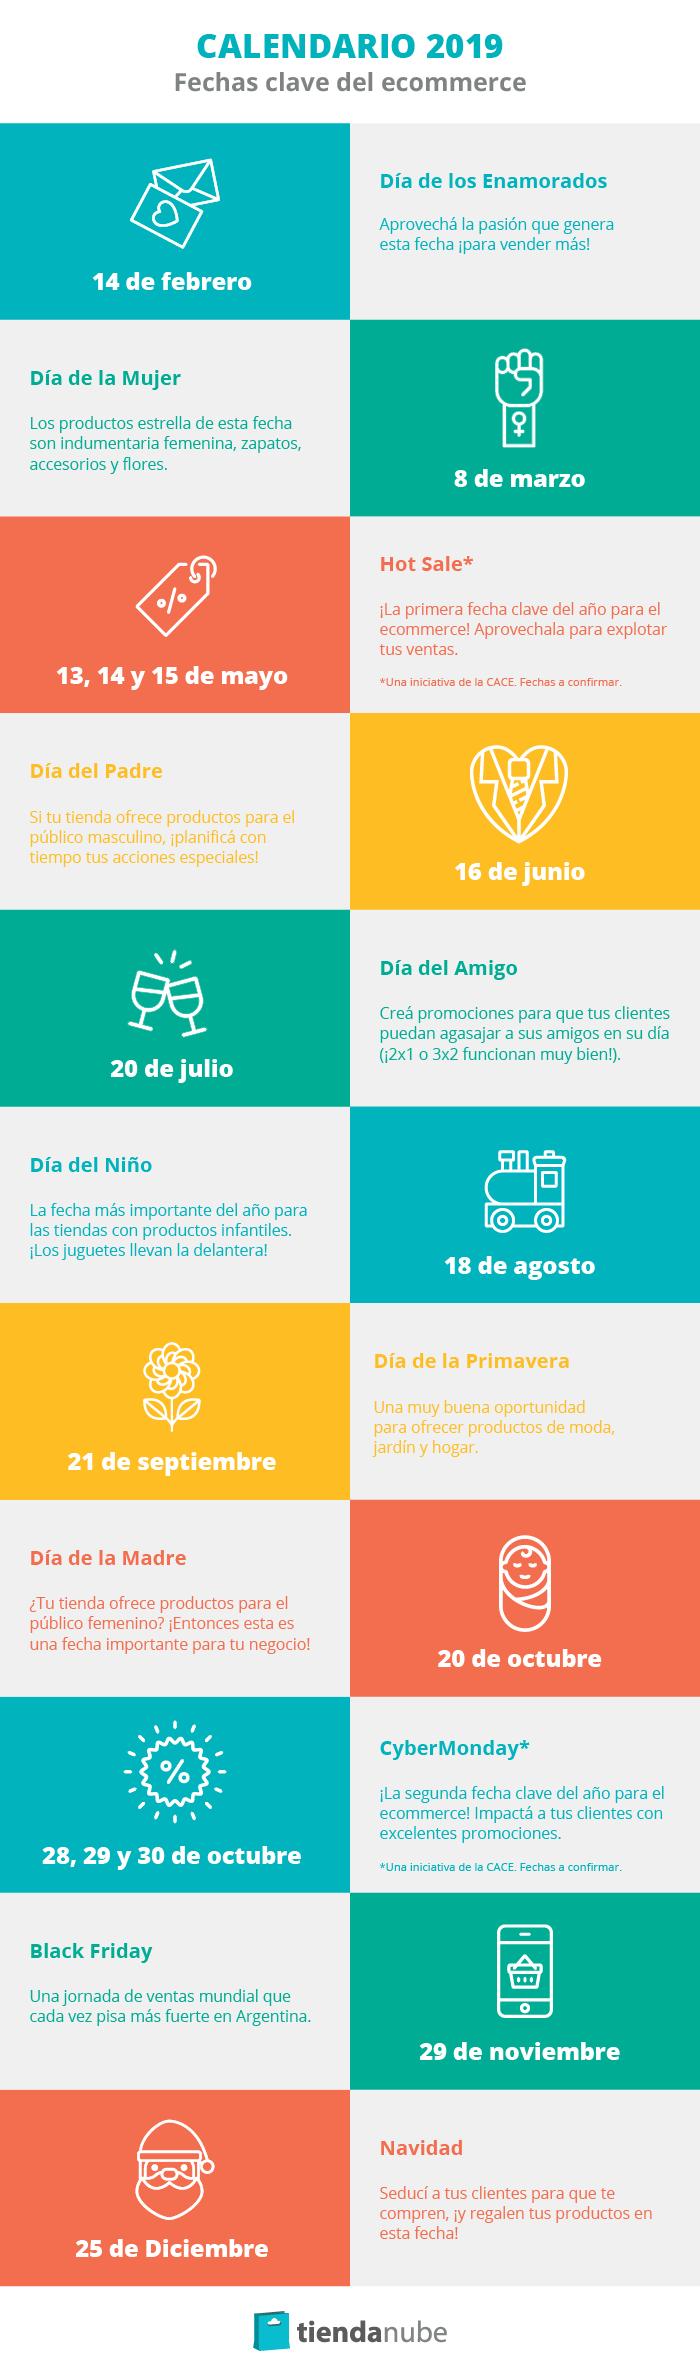 Infografía fechas ecommerce 2019